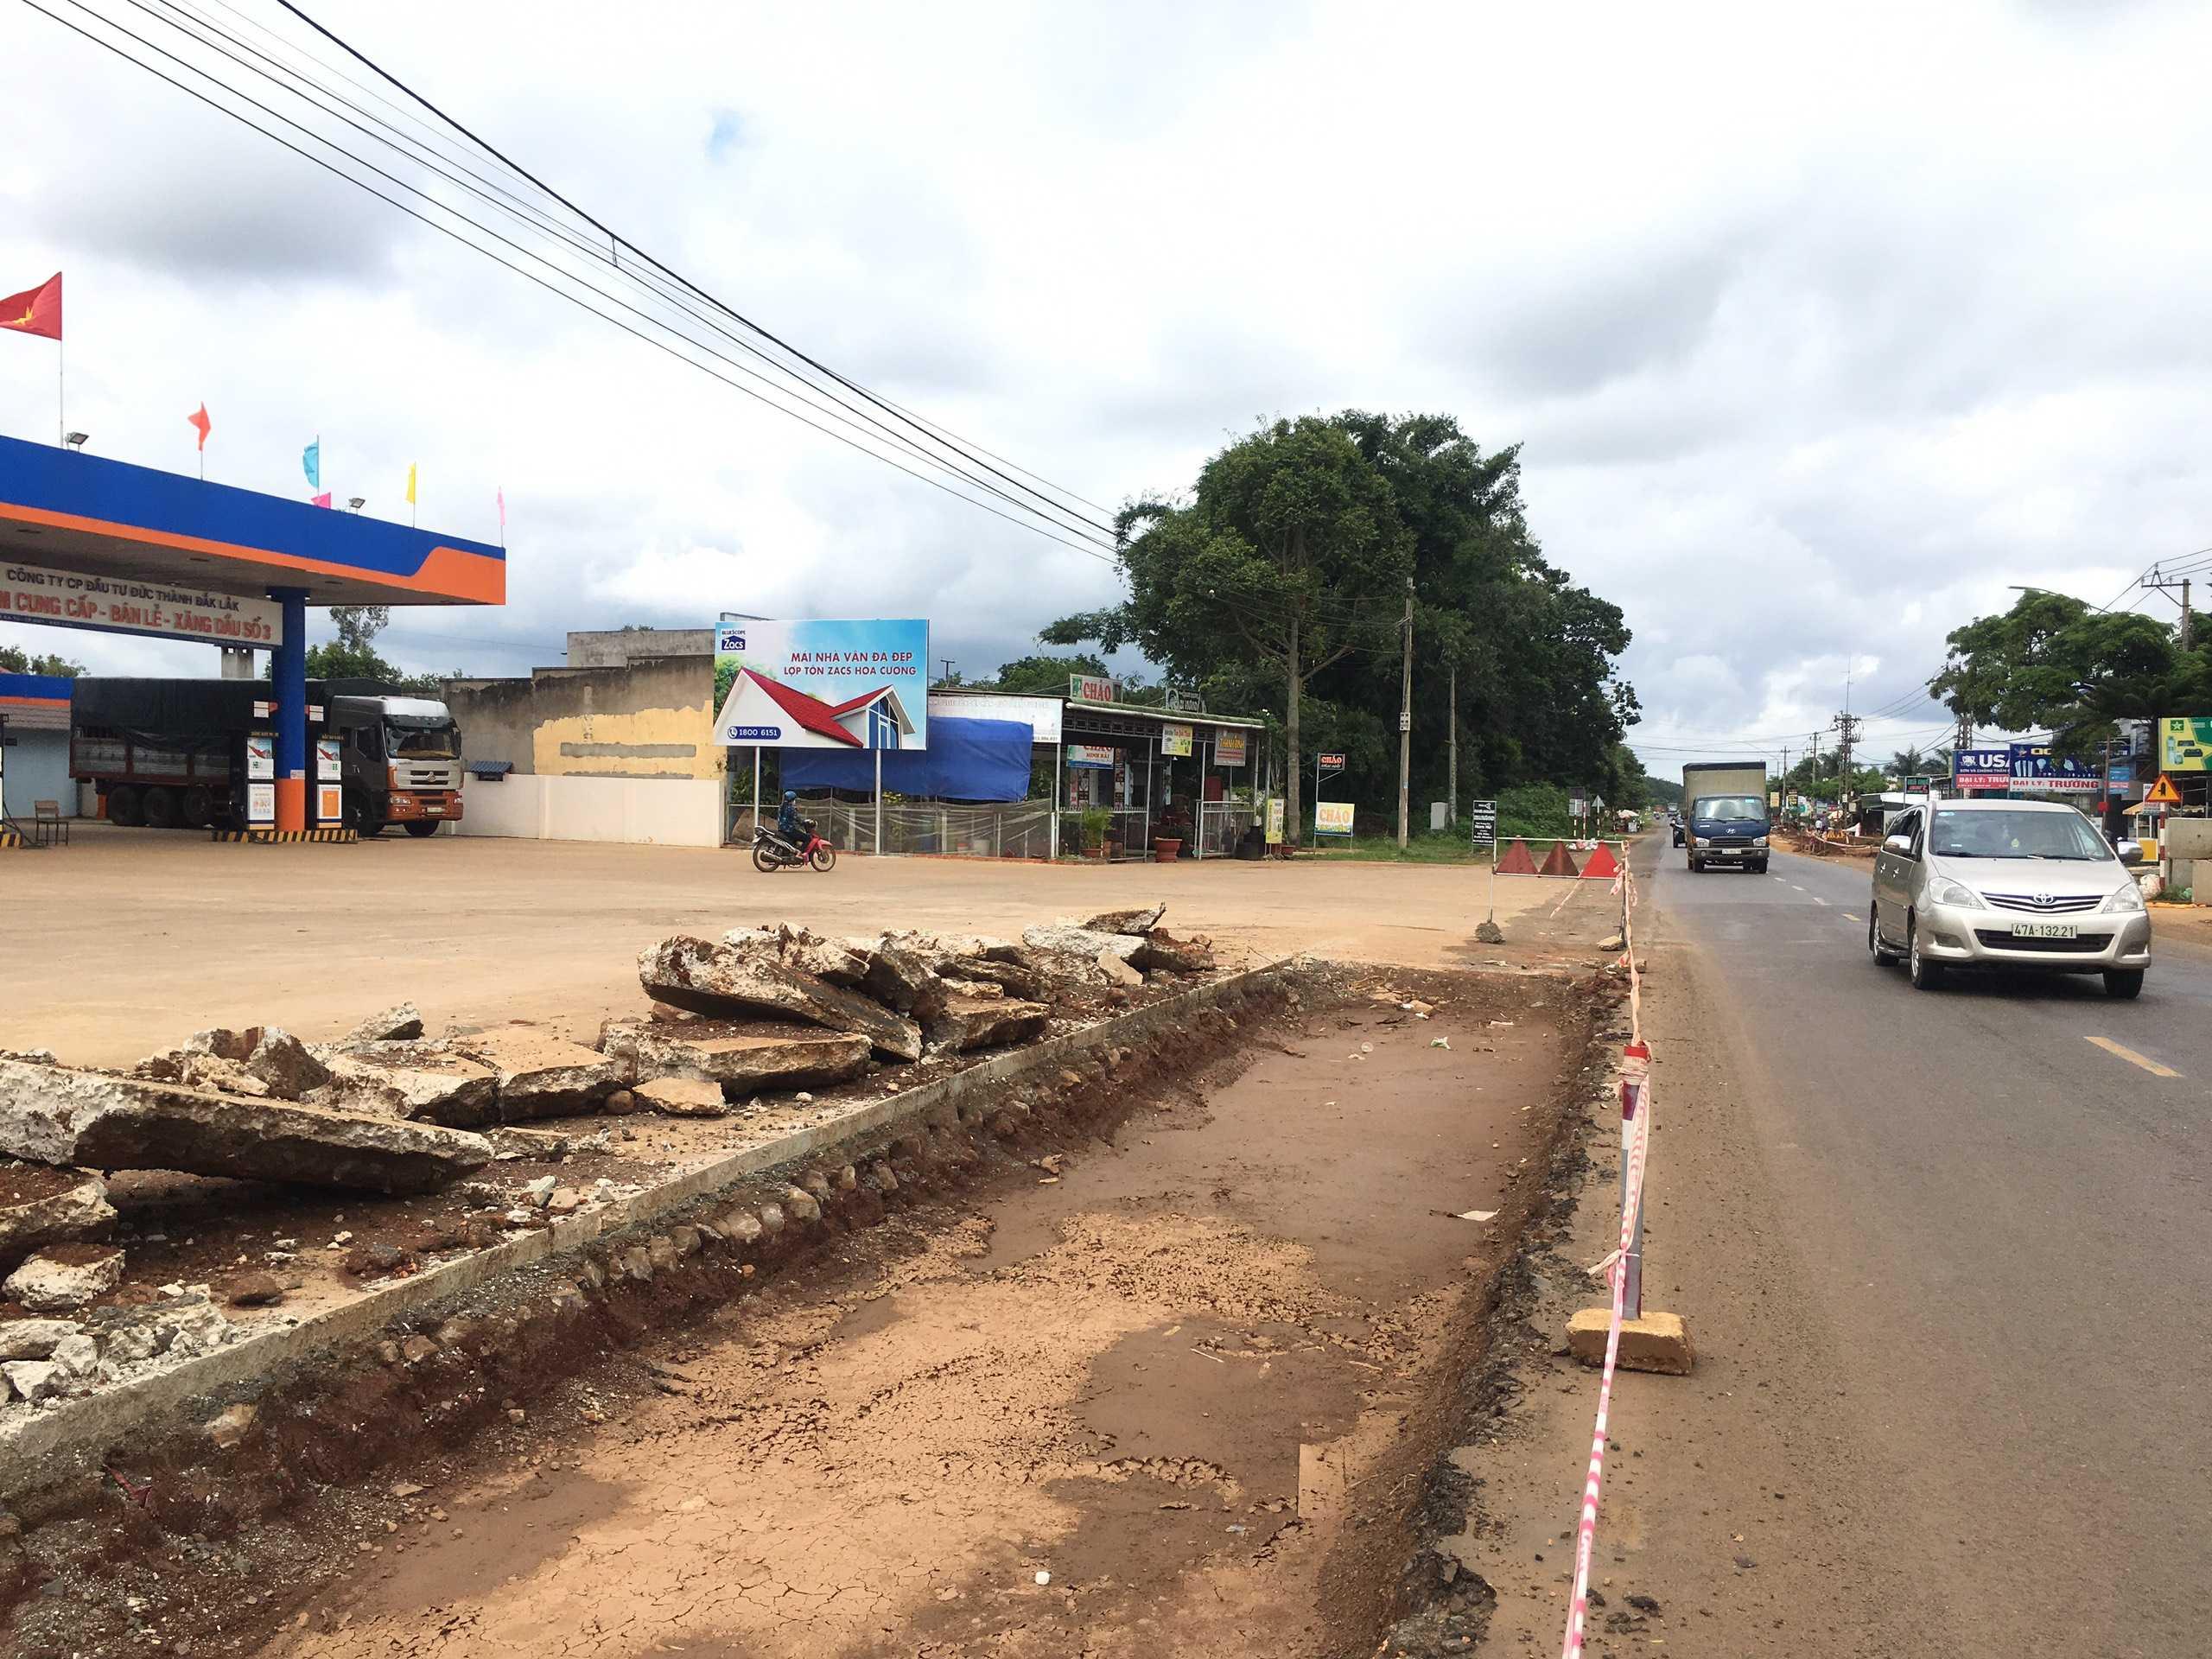 CHXD Đức Thành, km 12, xã Ea Tu, Tp. Buôn Ma Thuột, Đắk Lắk - vị trí 2 biển trụ nhỏ cạnh tường rào